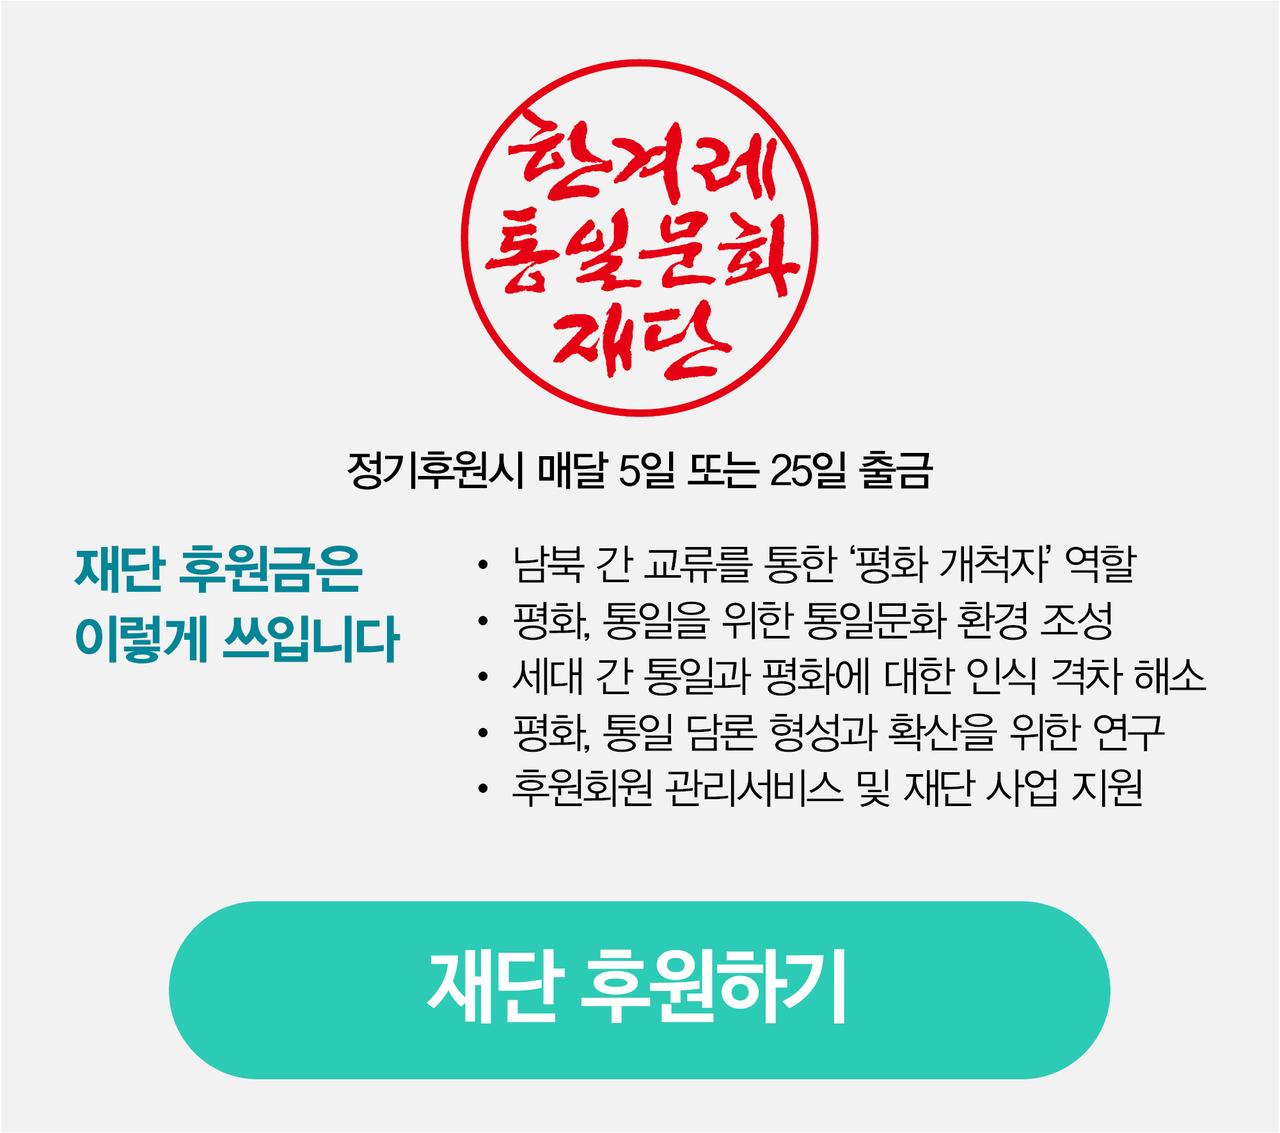 한겨레통일문화재단 후원